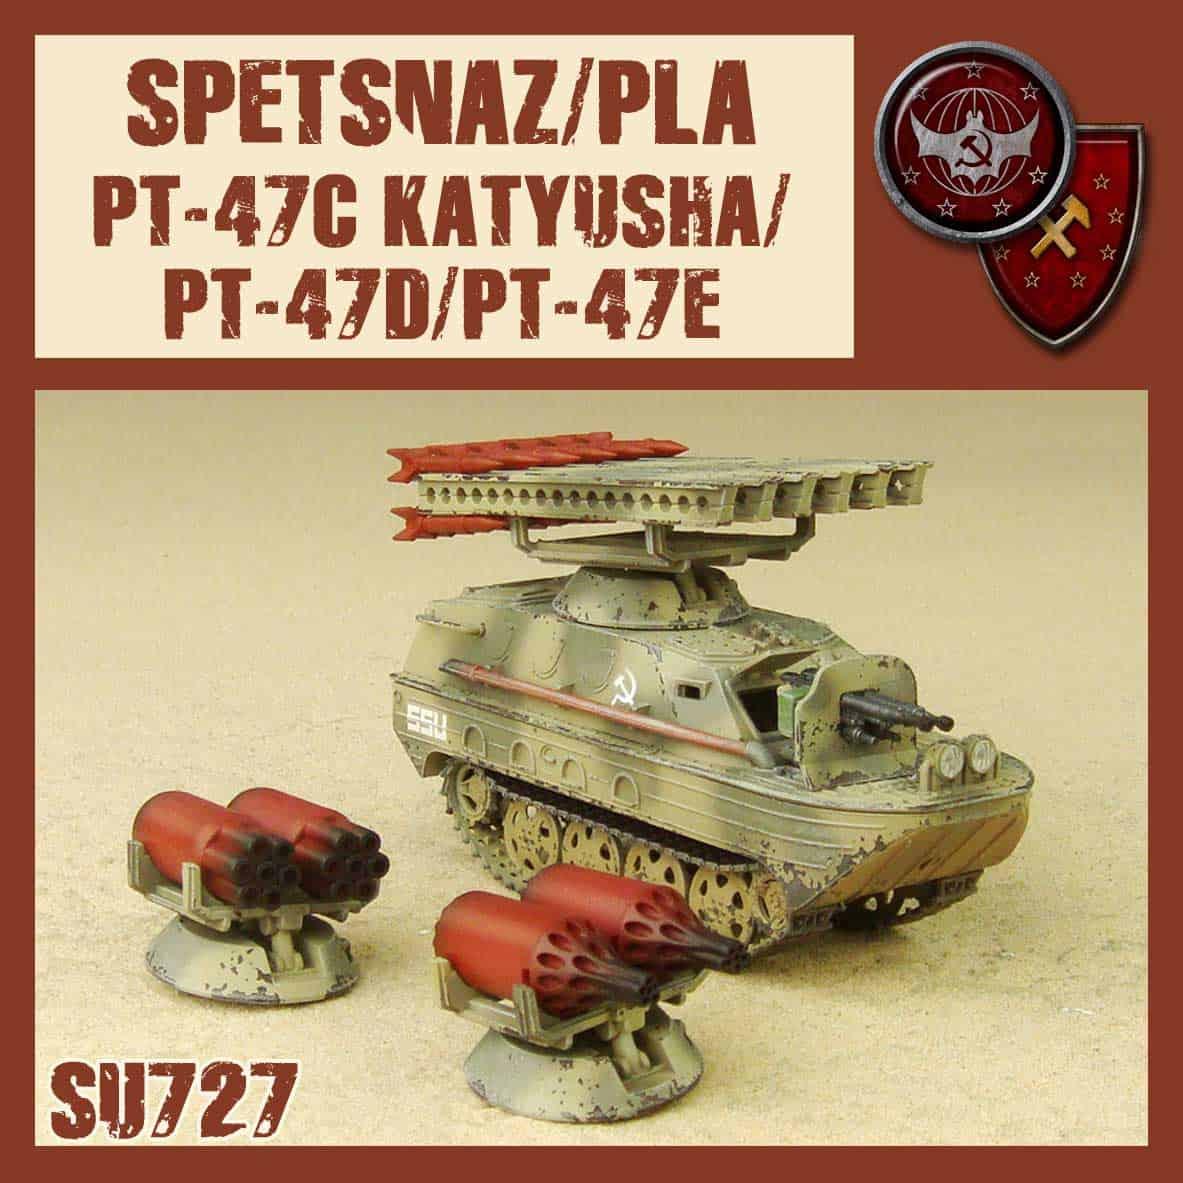 PT-47A C/D/E